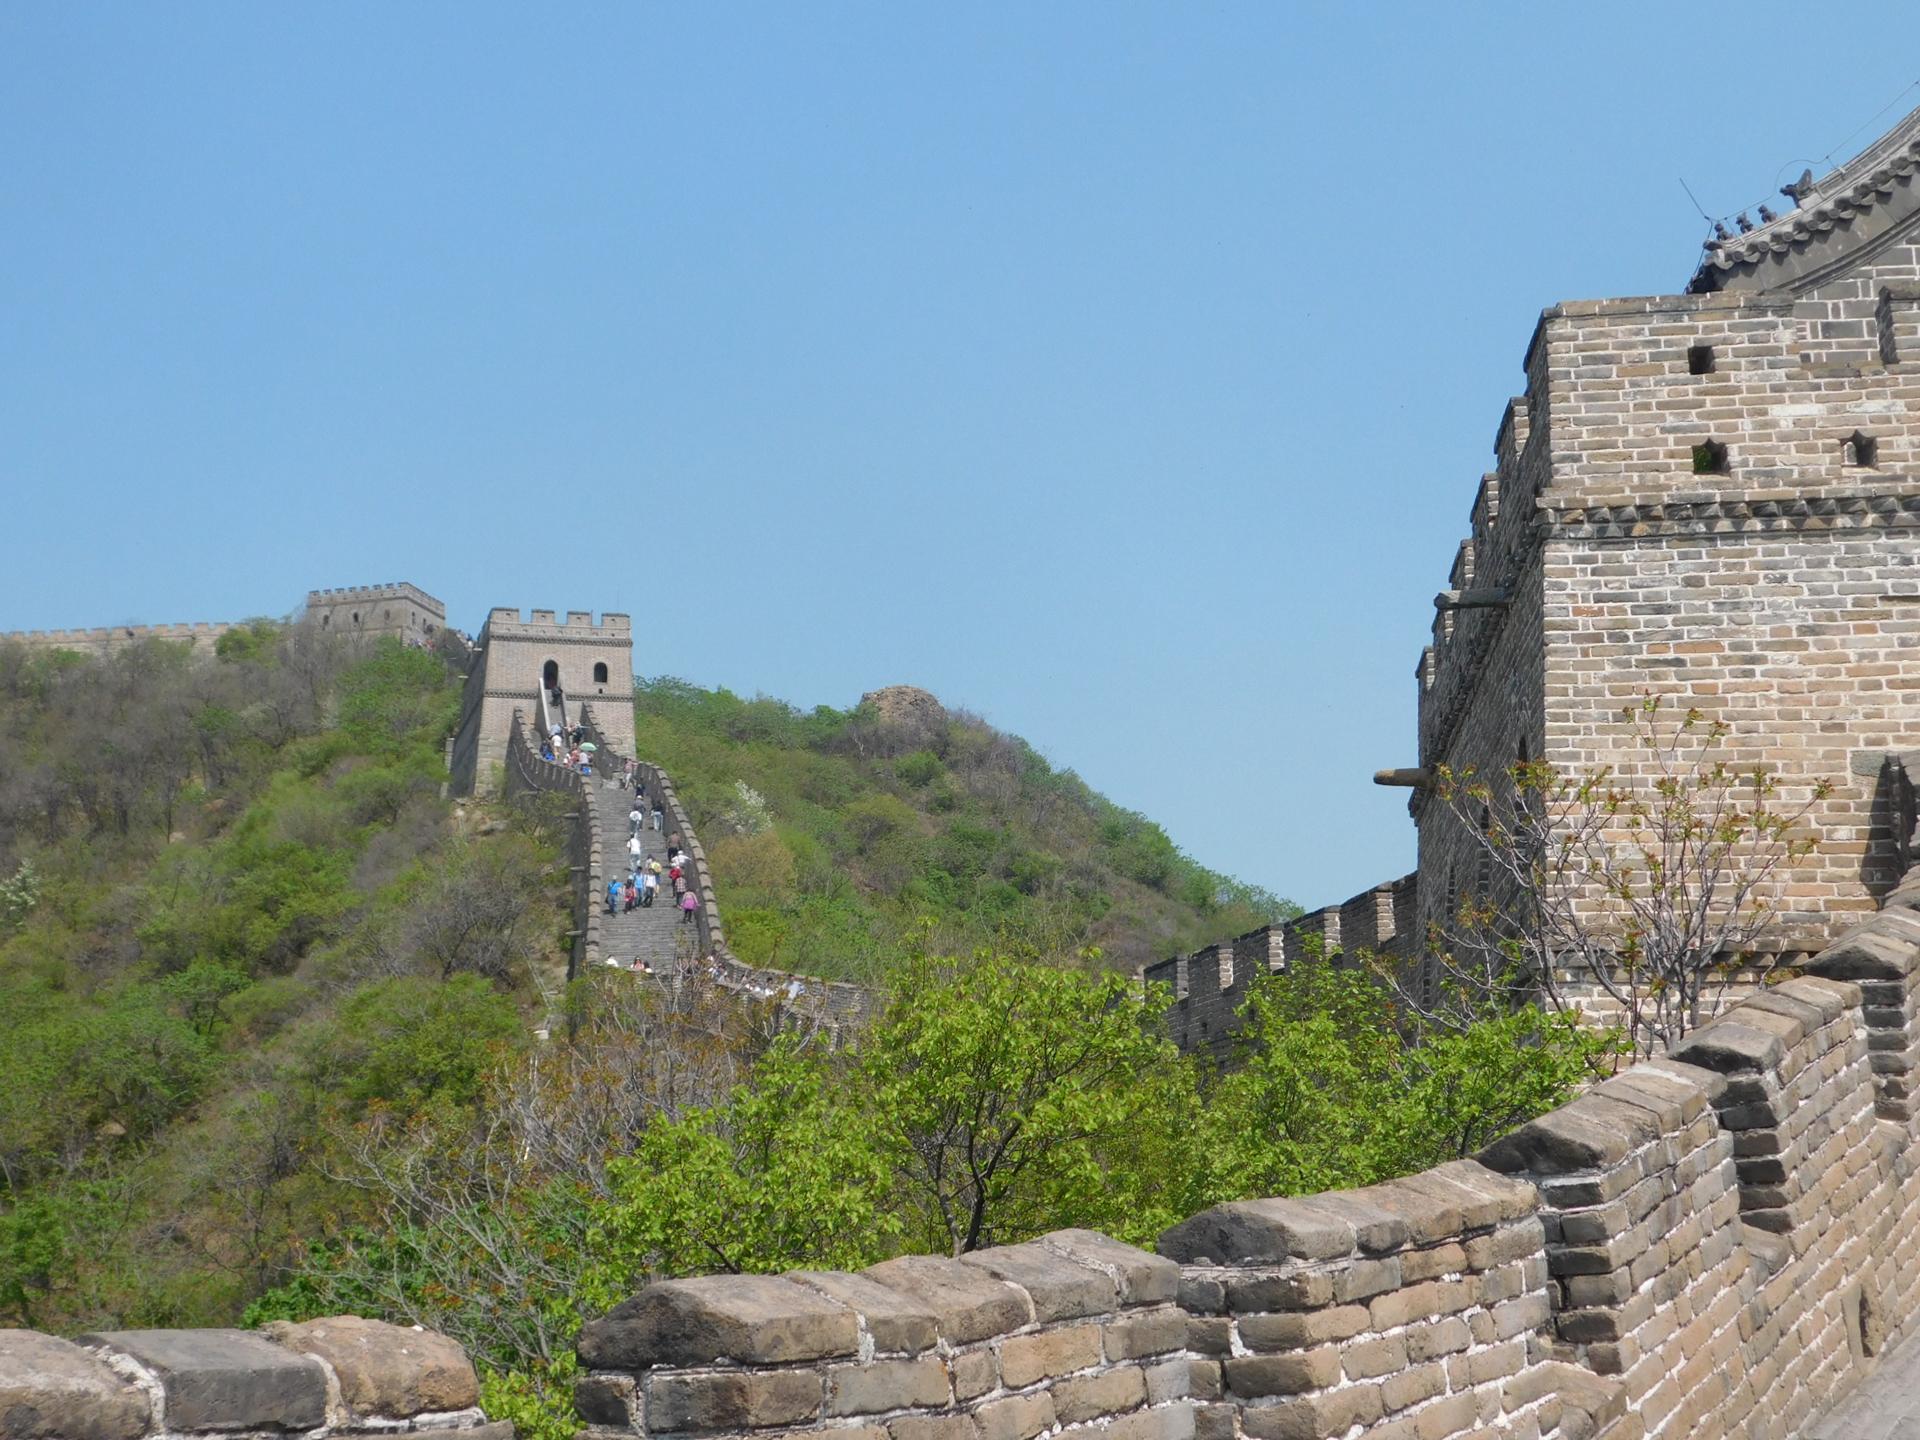 Man kann von einem Turm zum nächsten Turm sehen und dank vieler Stufen etappenweise ablaufen